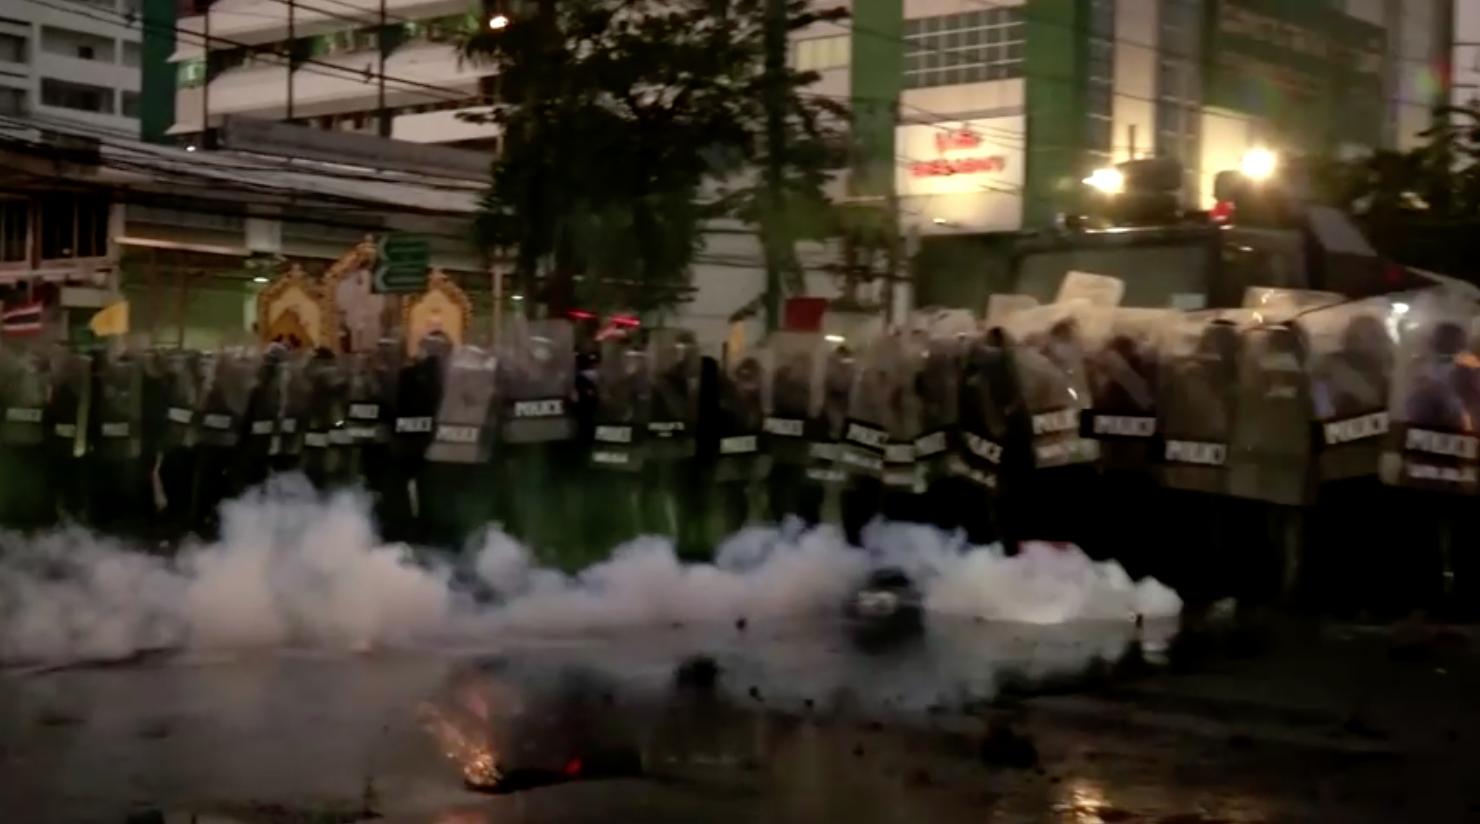 Tòa án Thái Lan phê chuẩn lệnh bắt nhà hoạt động bị cáo buộc đốt chân dung nhà vua